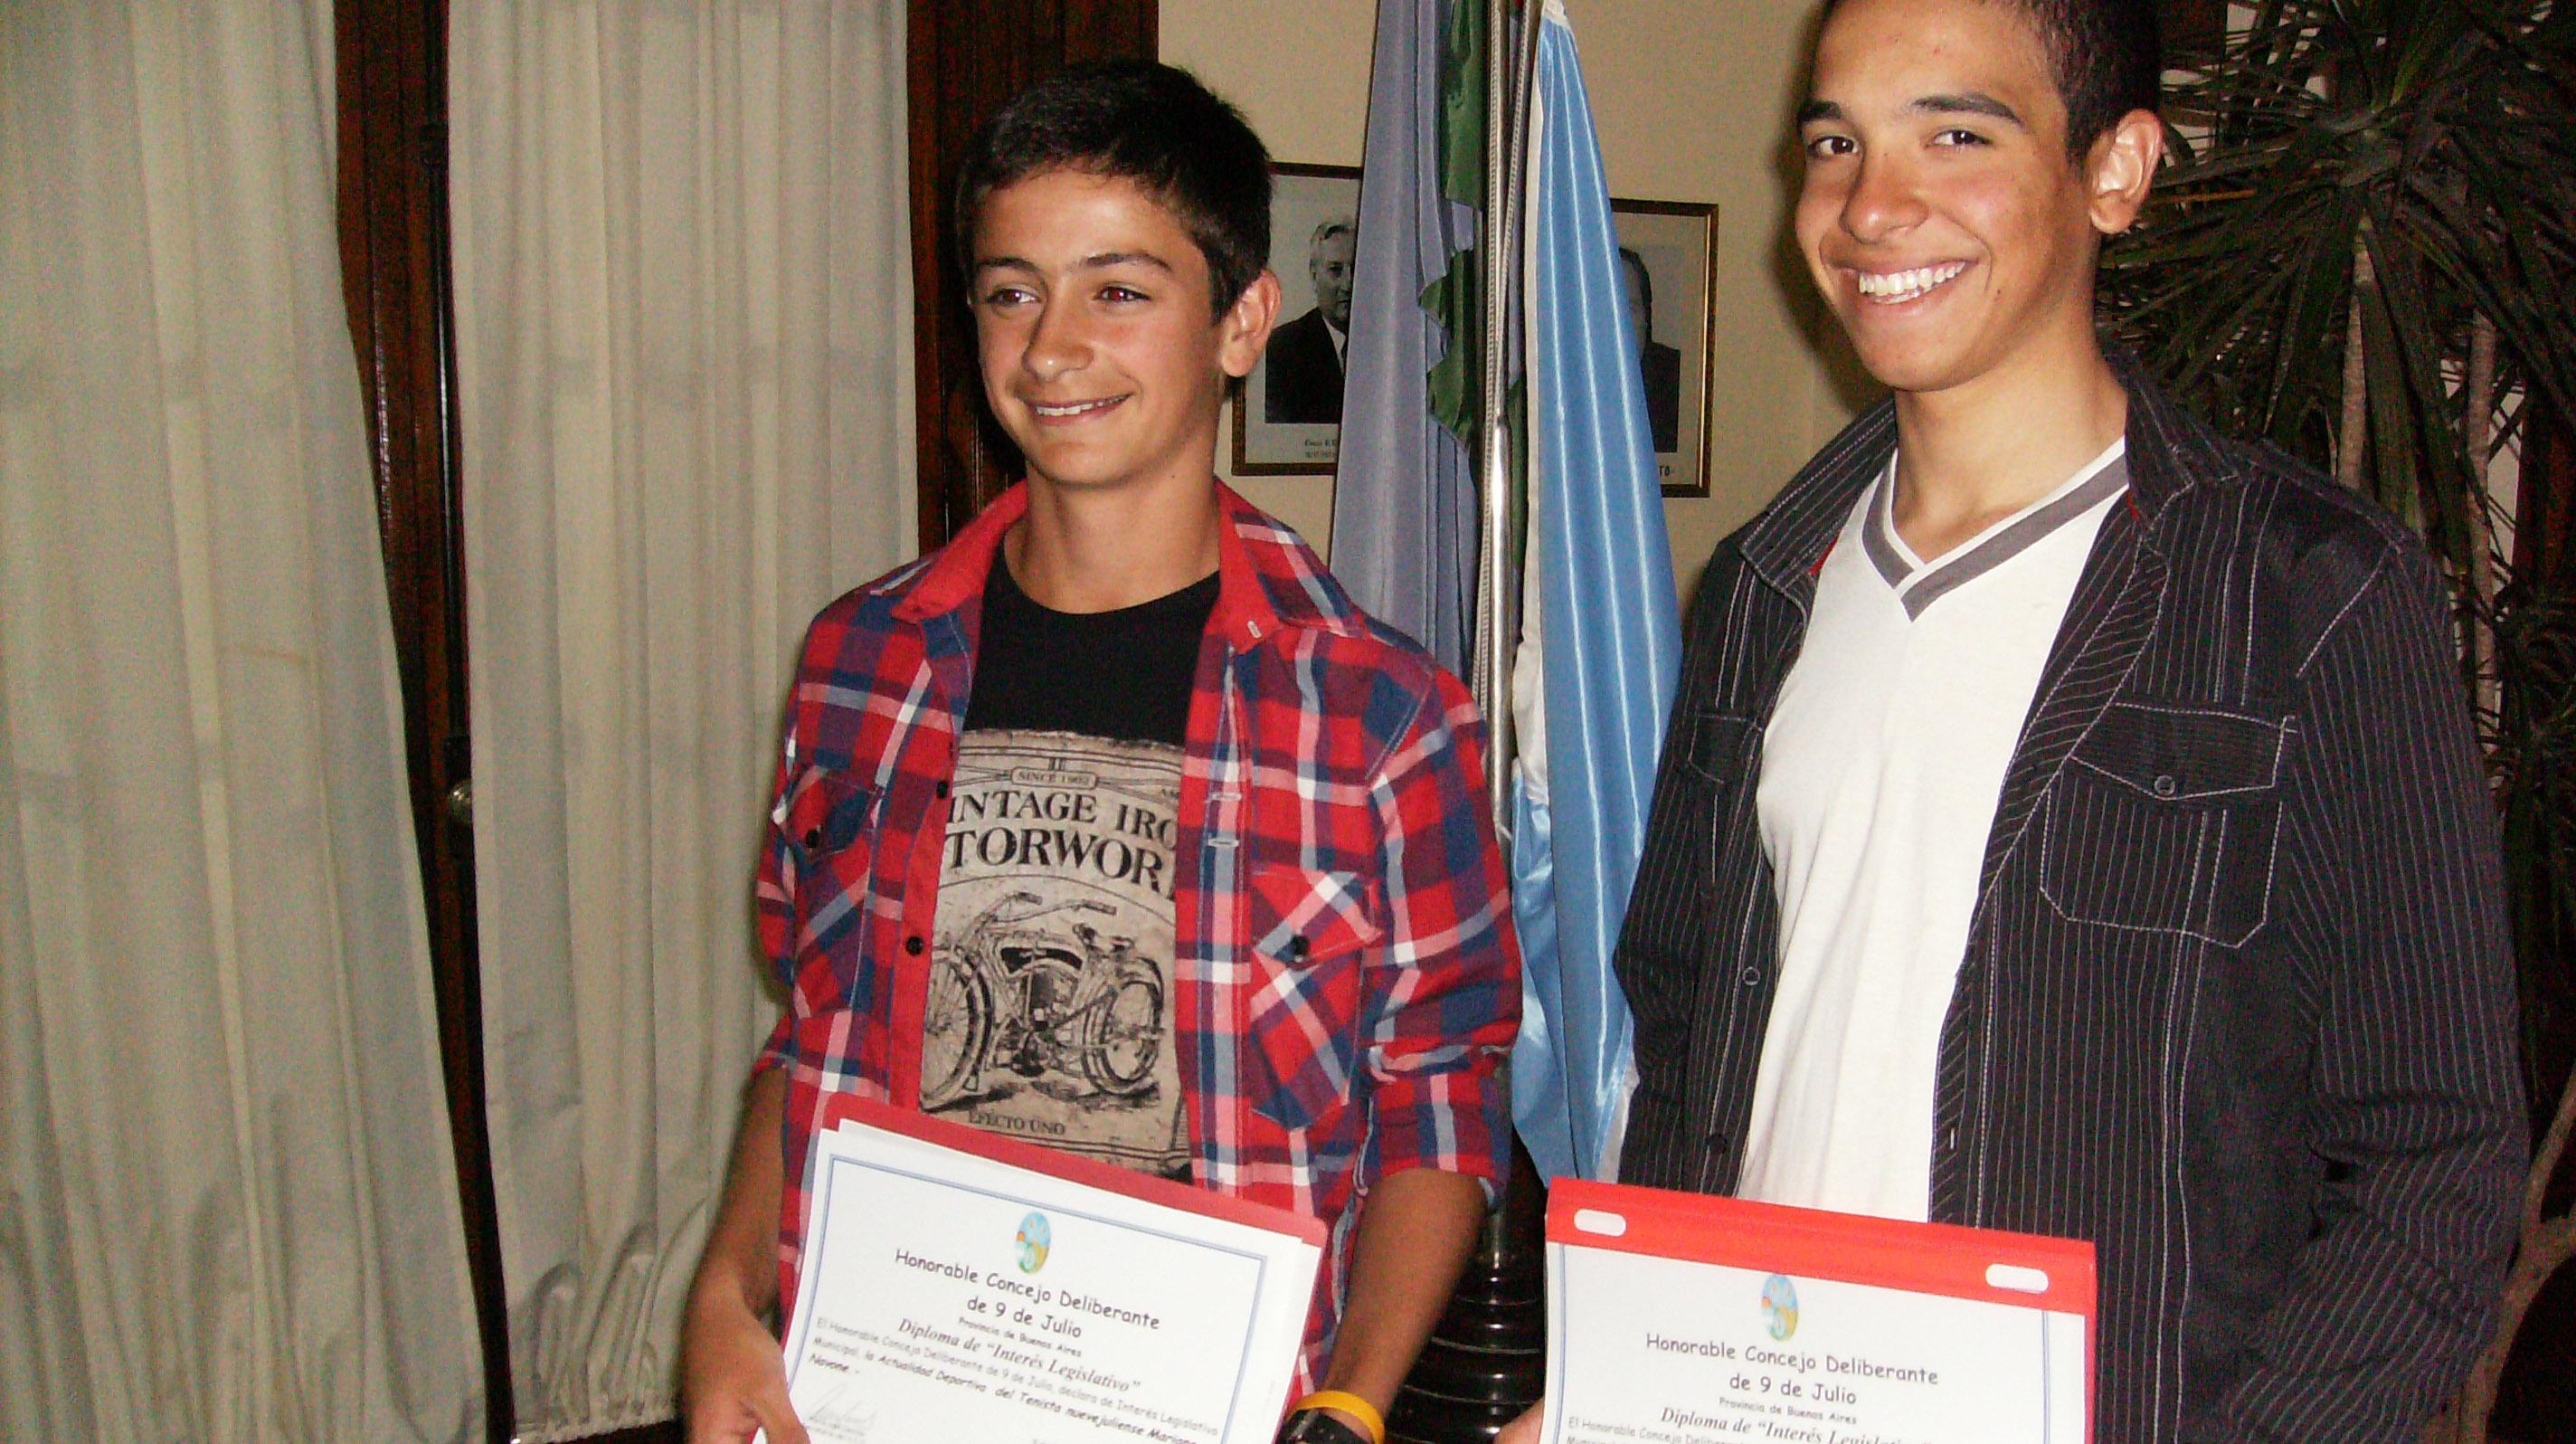 Los concejales homenajearon al tenista Navone, al ciclista Martínez y a Manhala